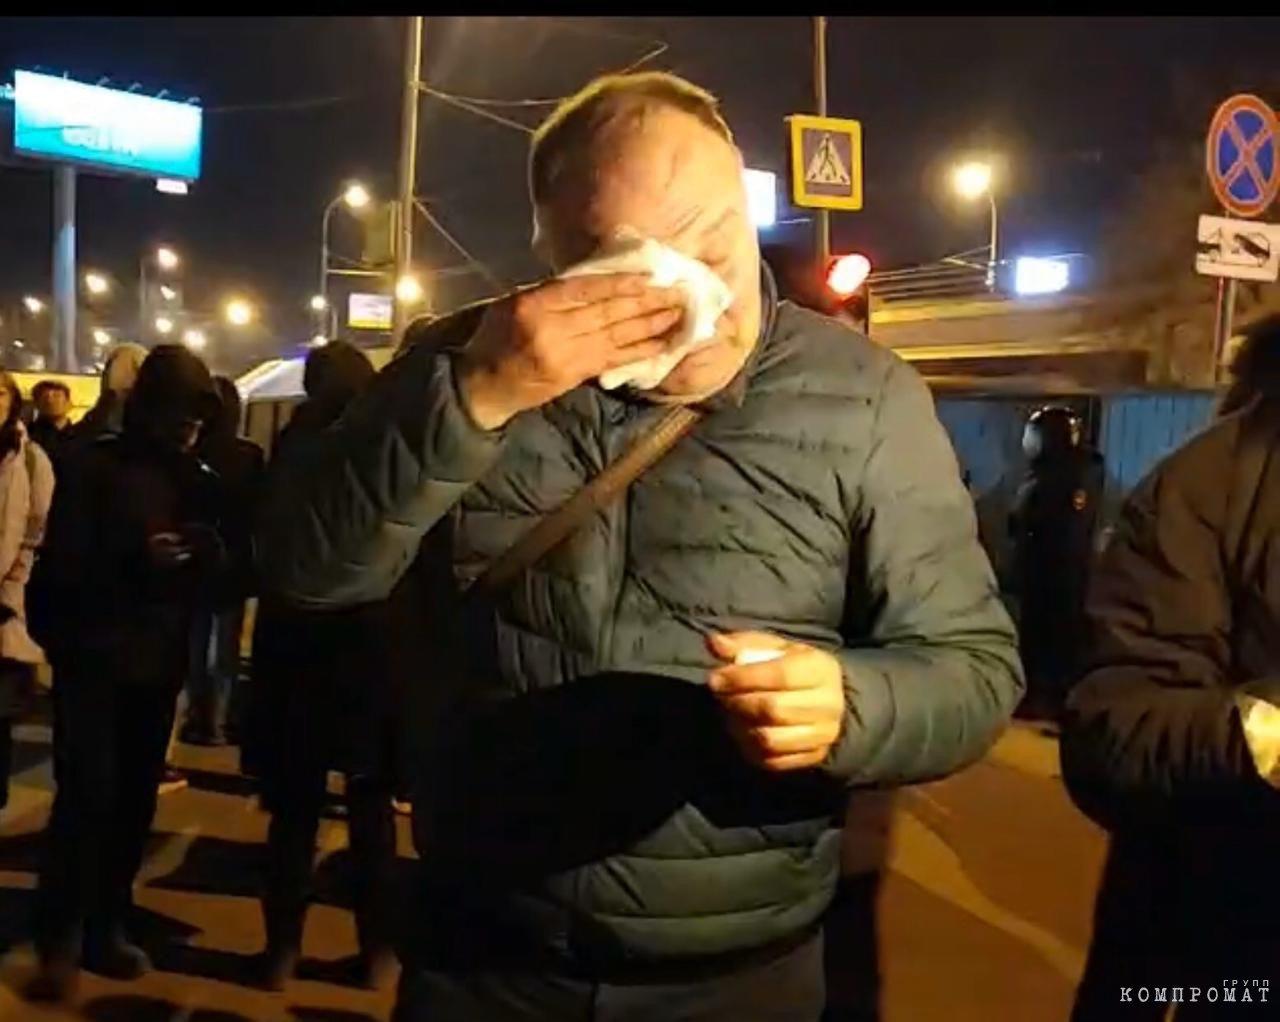 Полицейский распылил мужчине в лицо перцовый баллончик